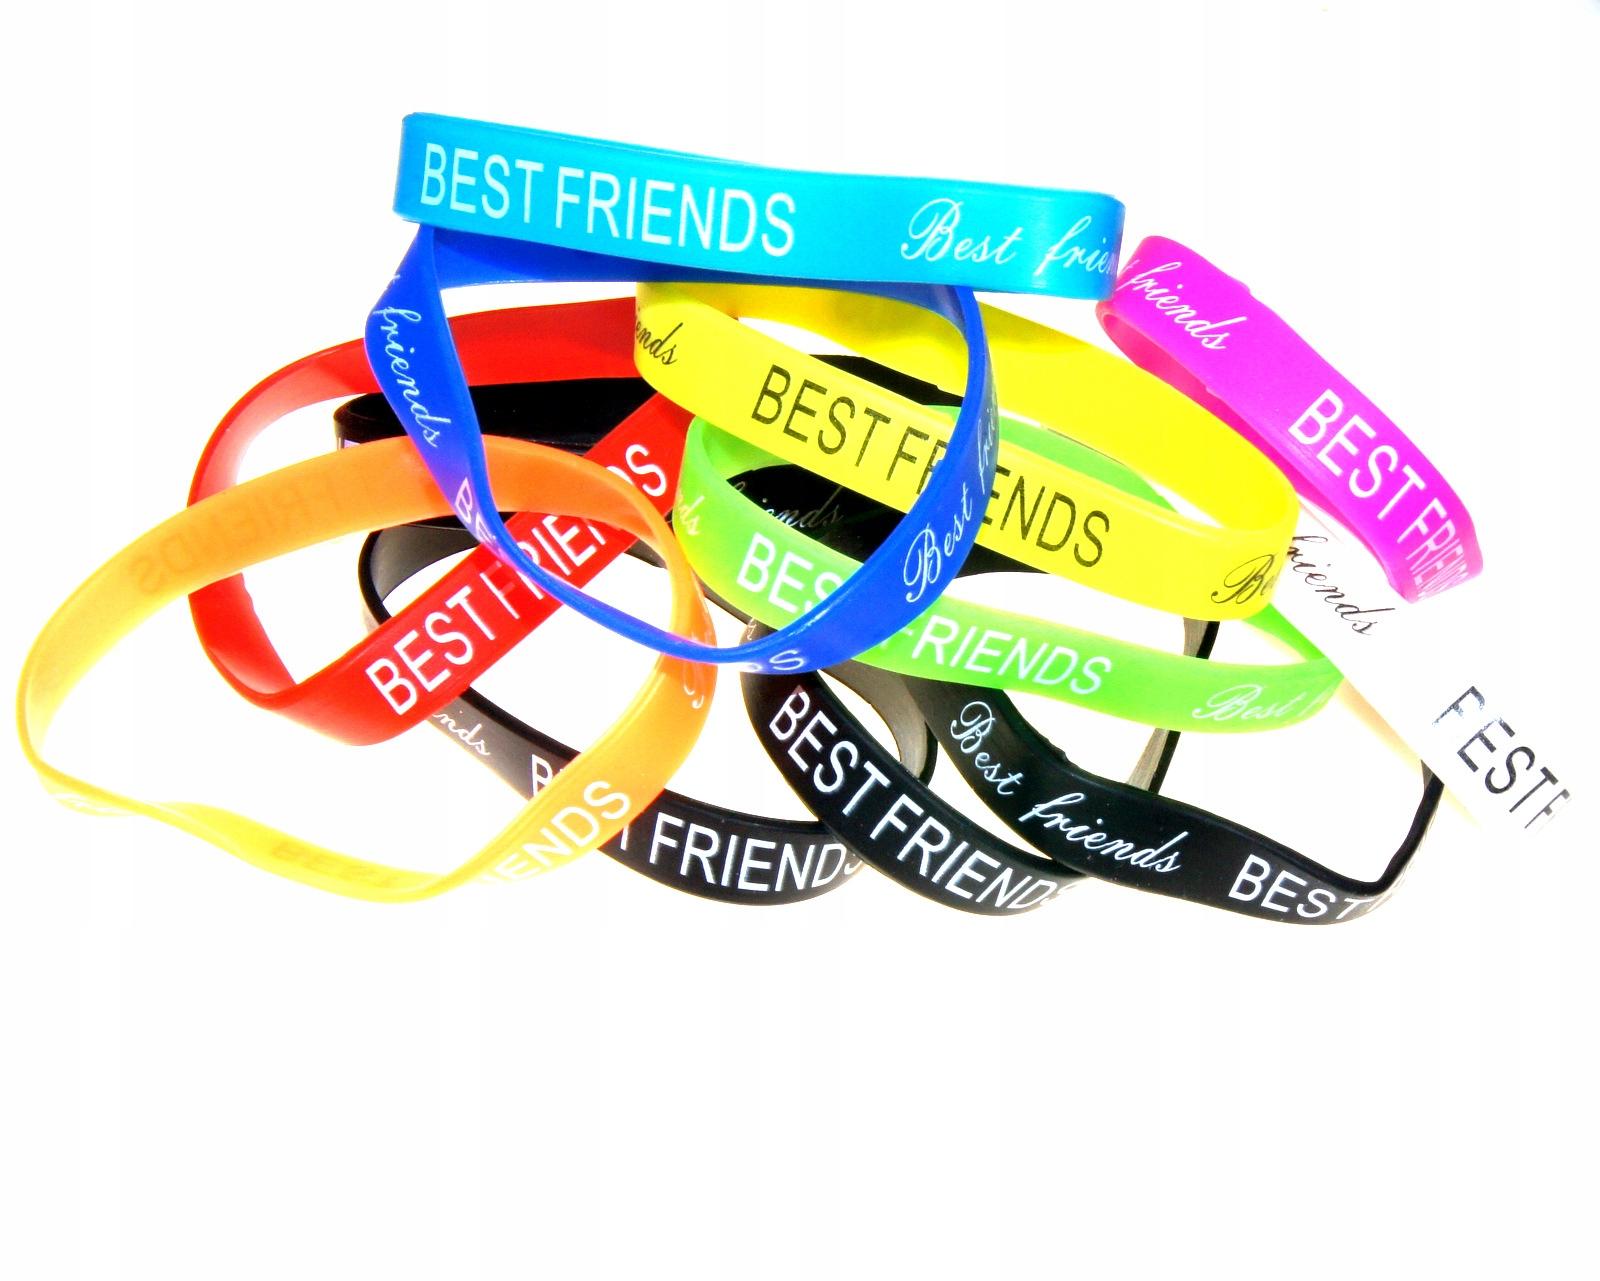 Купить Люси браслеты Best FRIENDS 12 шт 999  на Eurozakup - цены и фото - доставка из Польши и стран Европы в Украину.